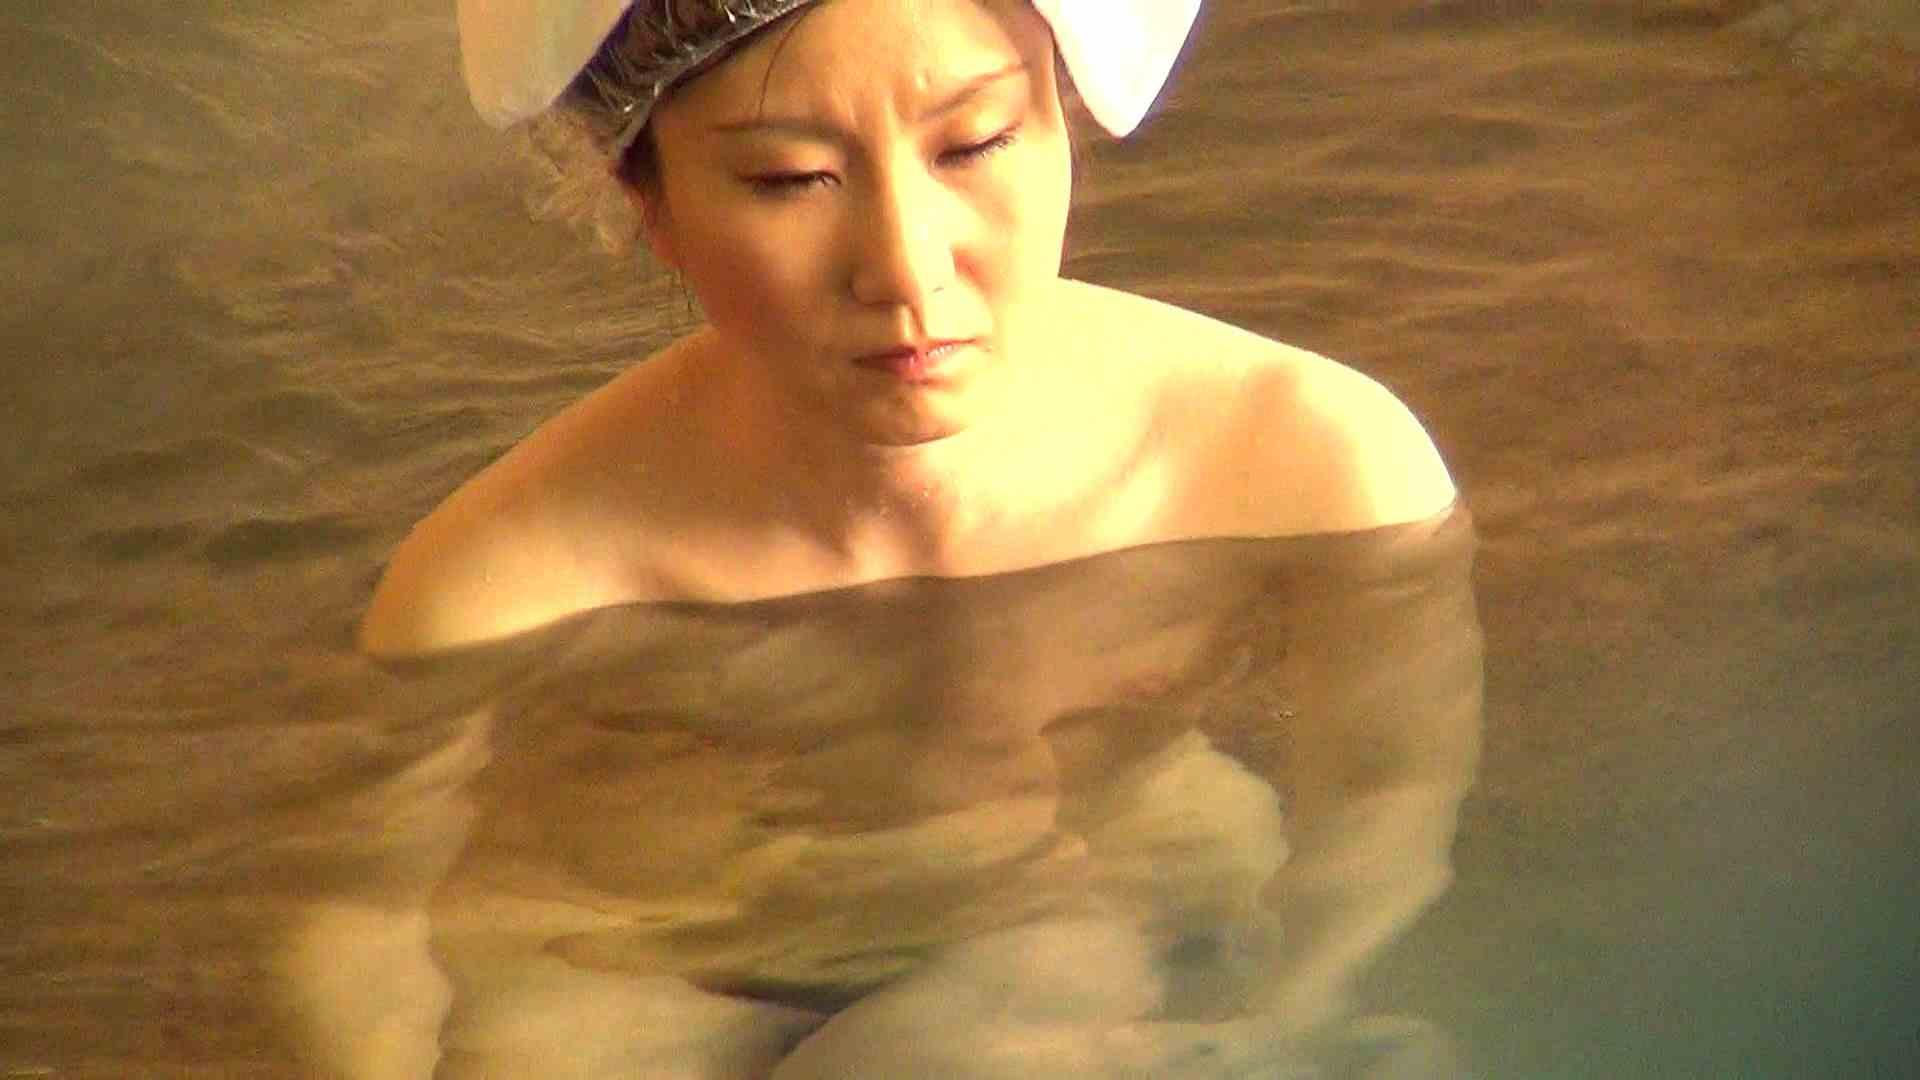 Aquaな露天風呂Vol.278 盗撮  100画像 60